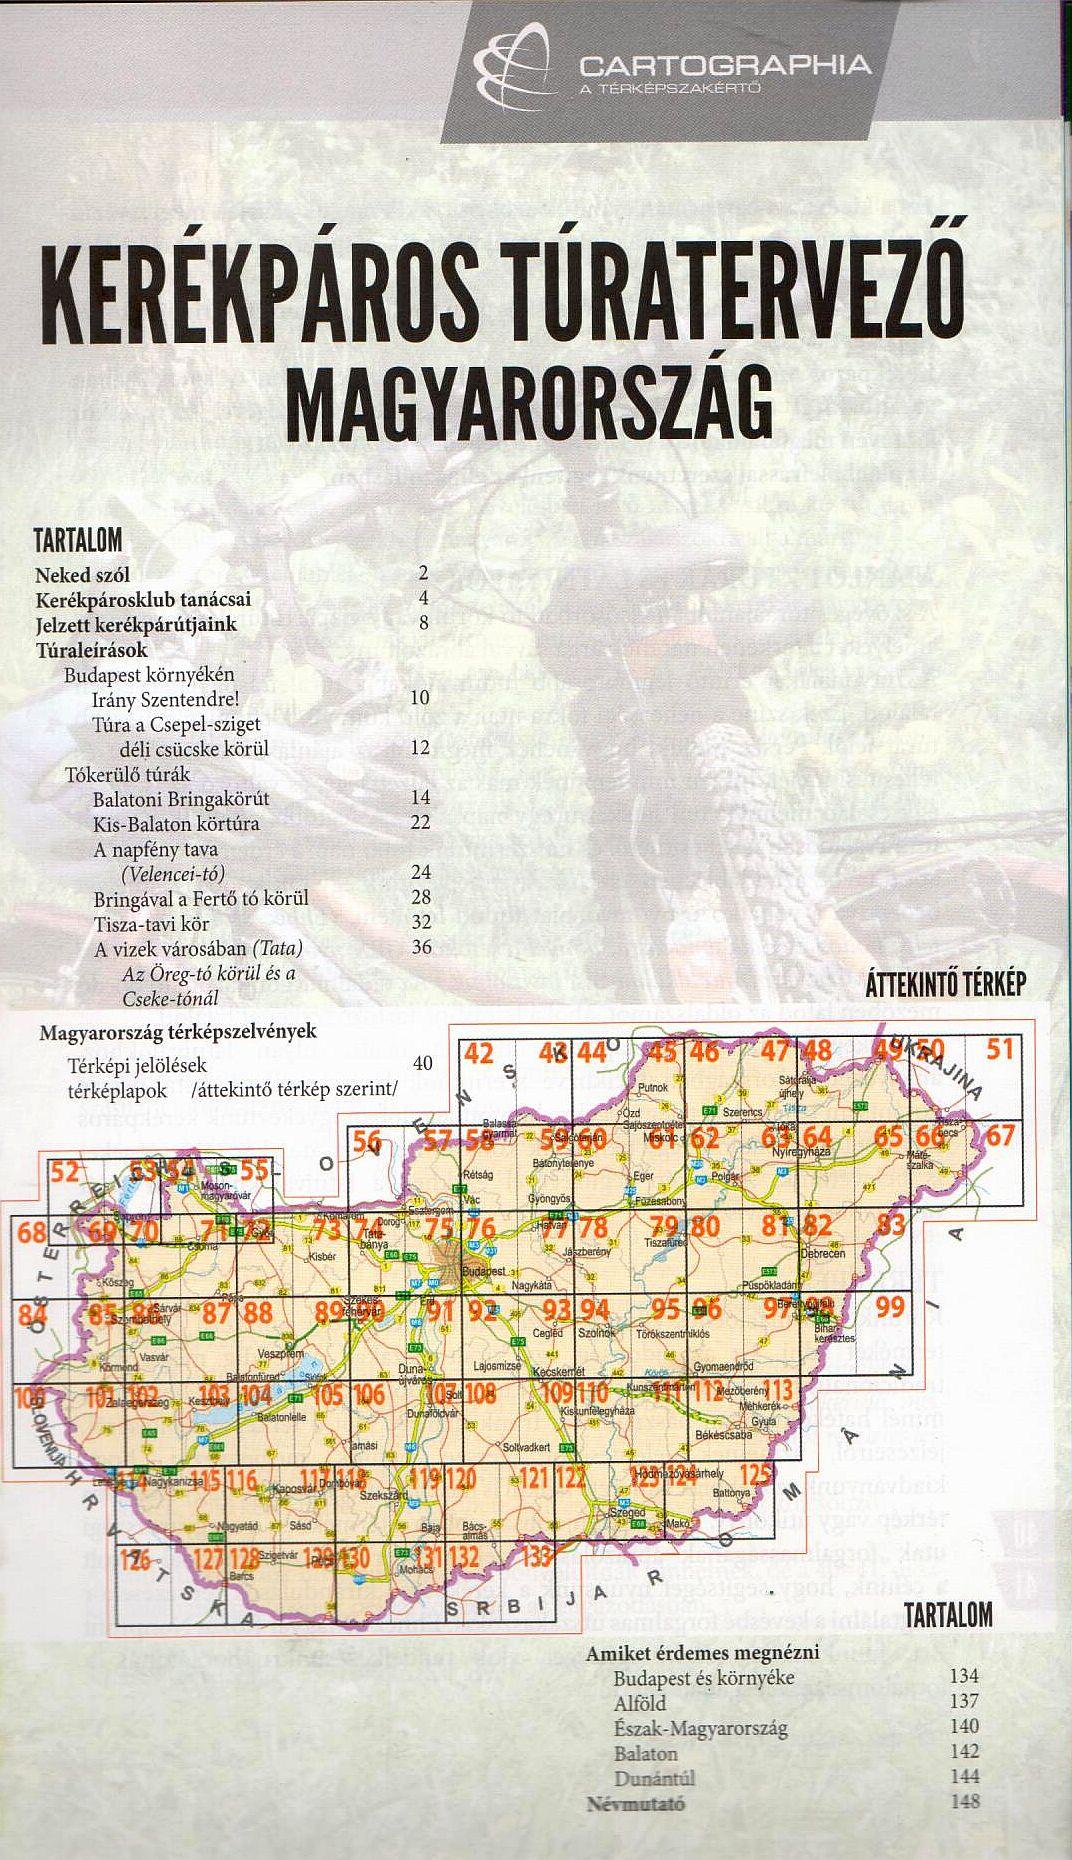 Kerékpáros túratervező: tartalomjegyzék